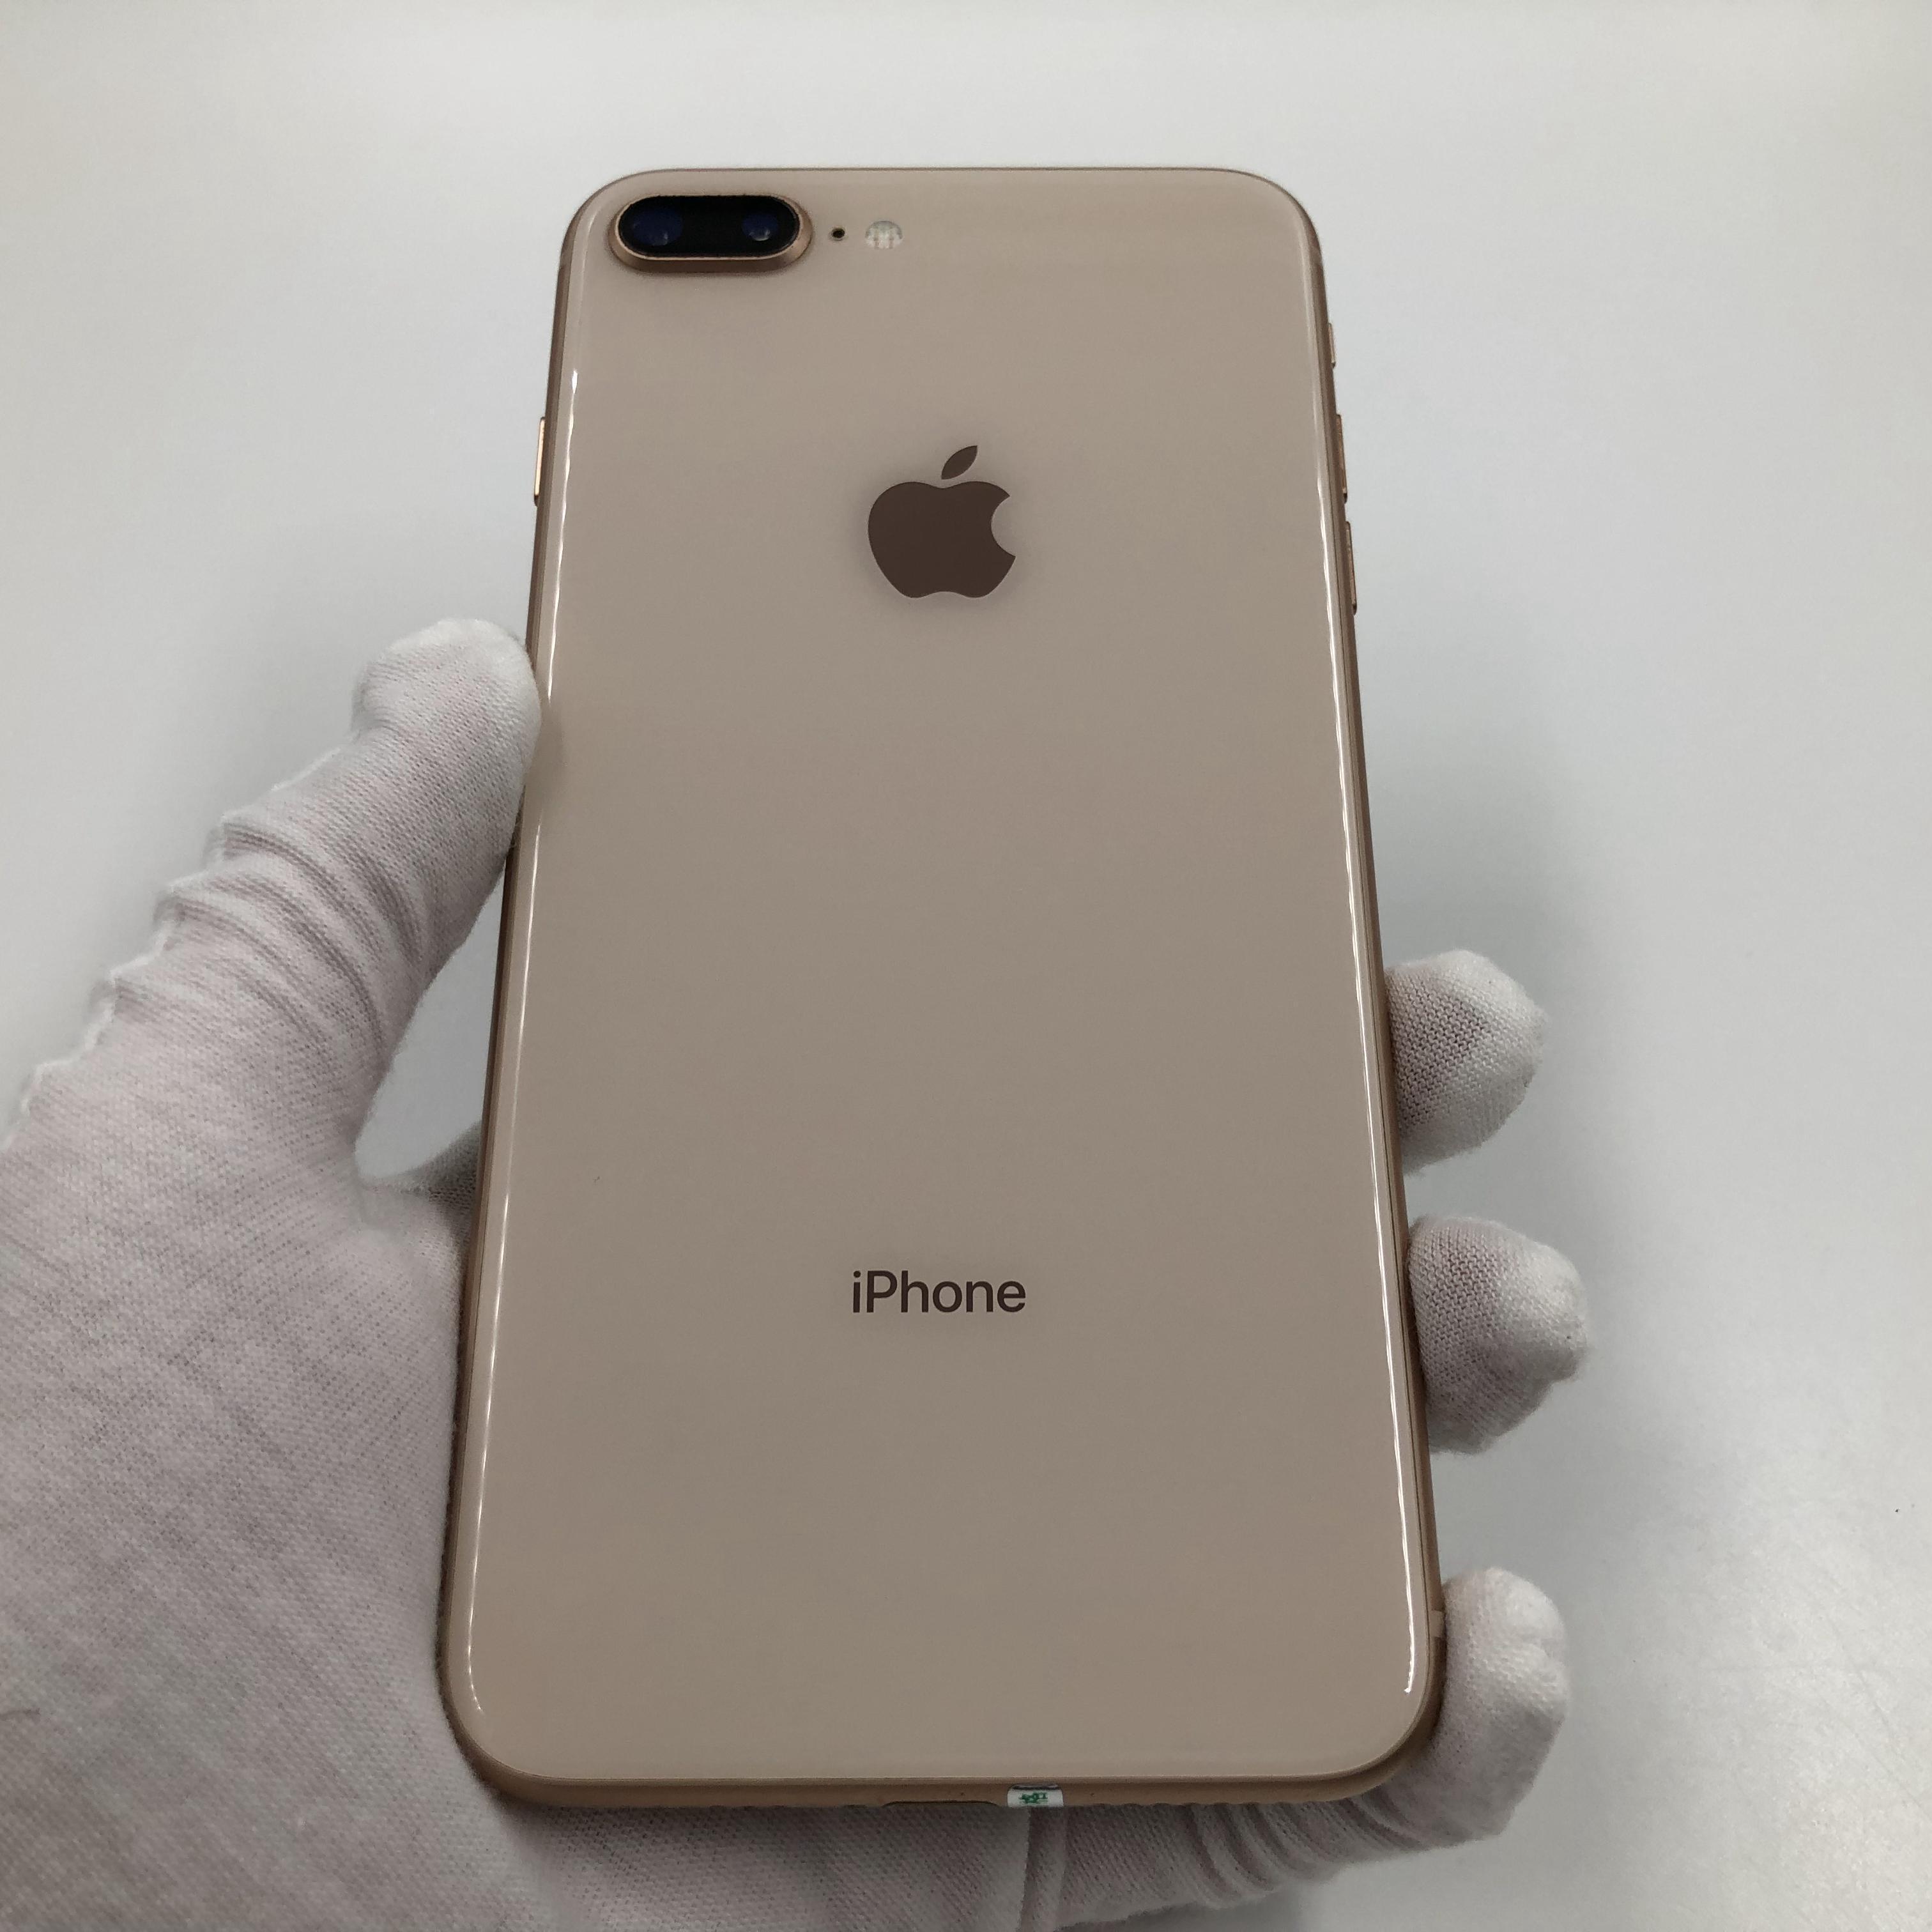 苹果【iPhone 8 Plus】4G全网通 金色 128G 国行 8成新 真机实拍